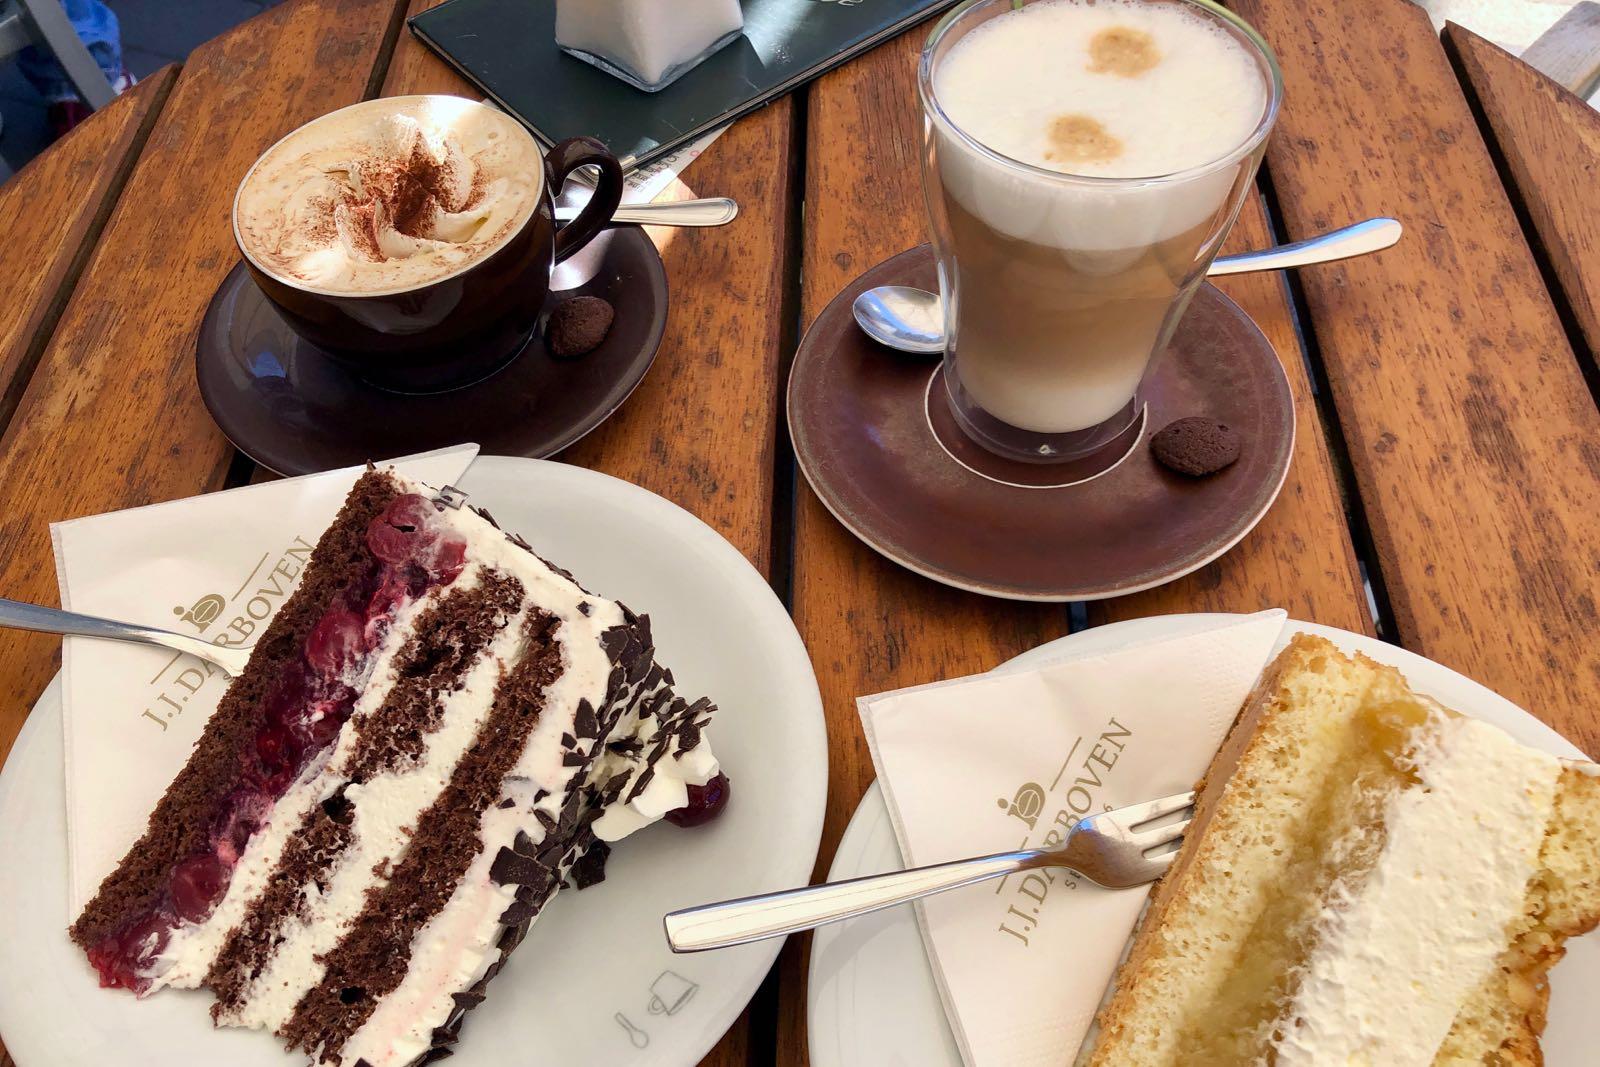 Frühstück, Smartphone und Co.